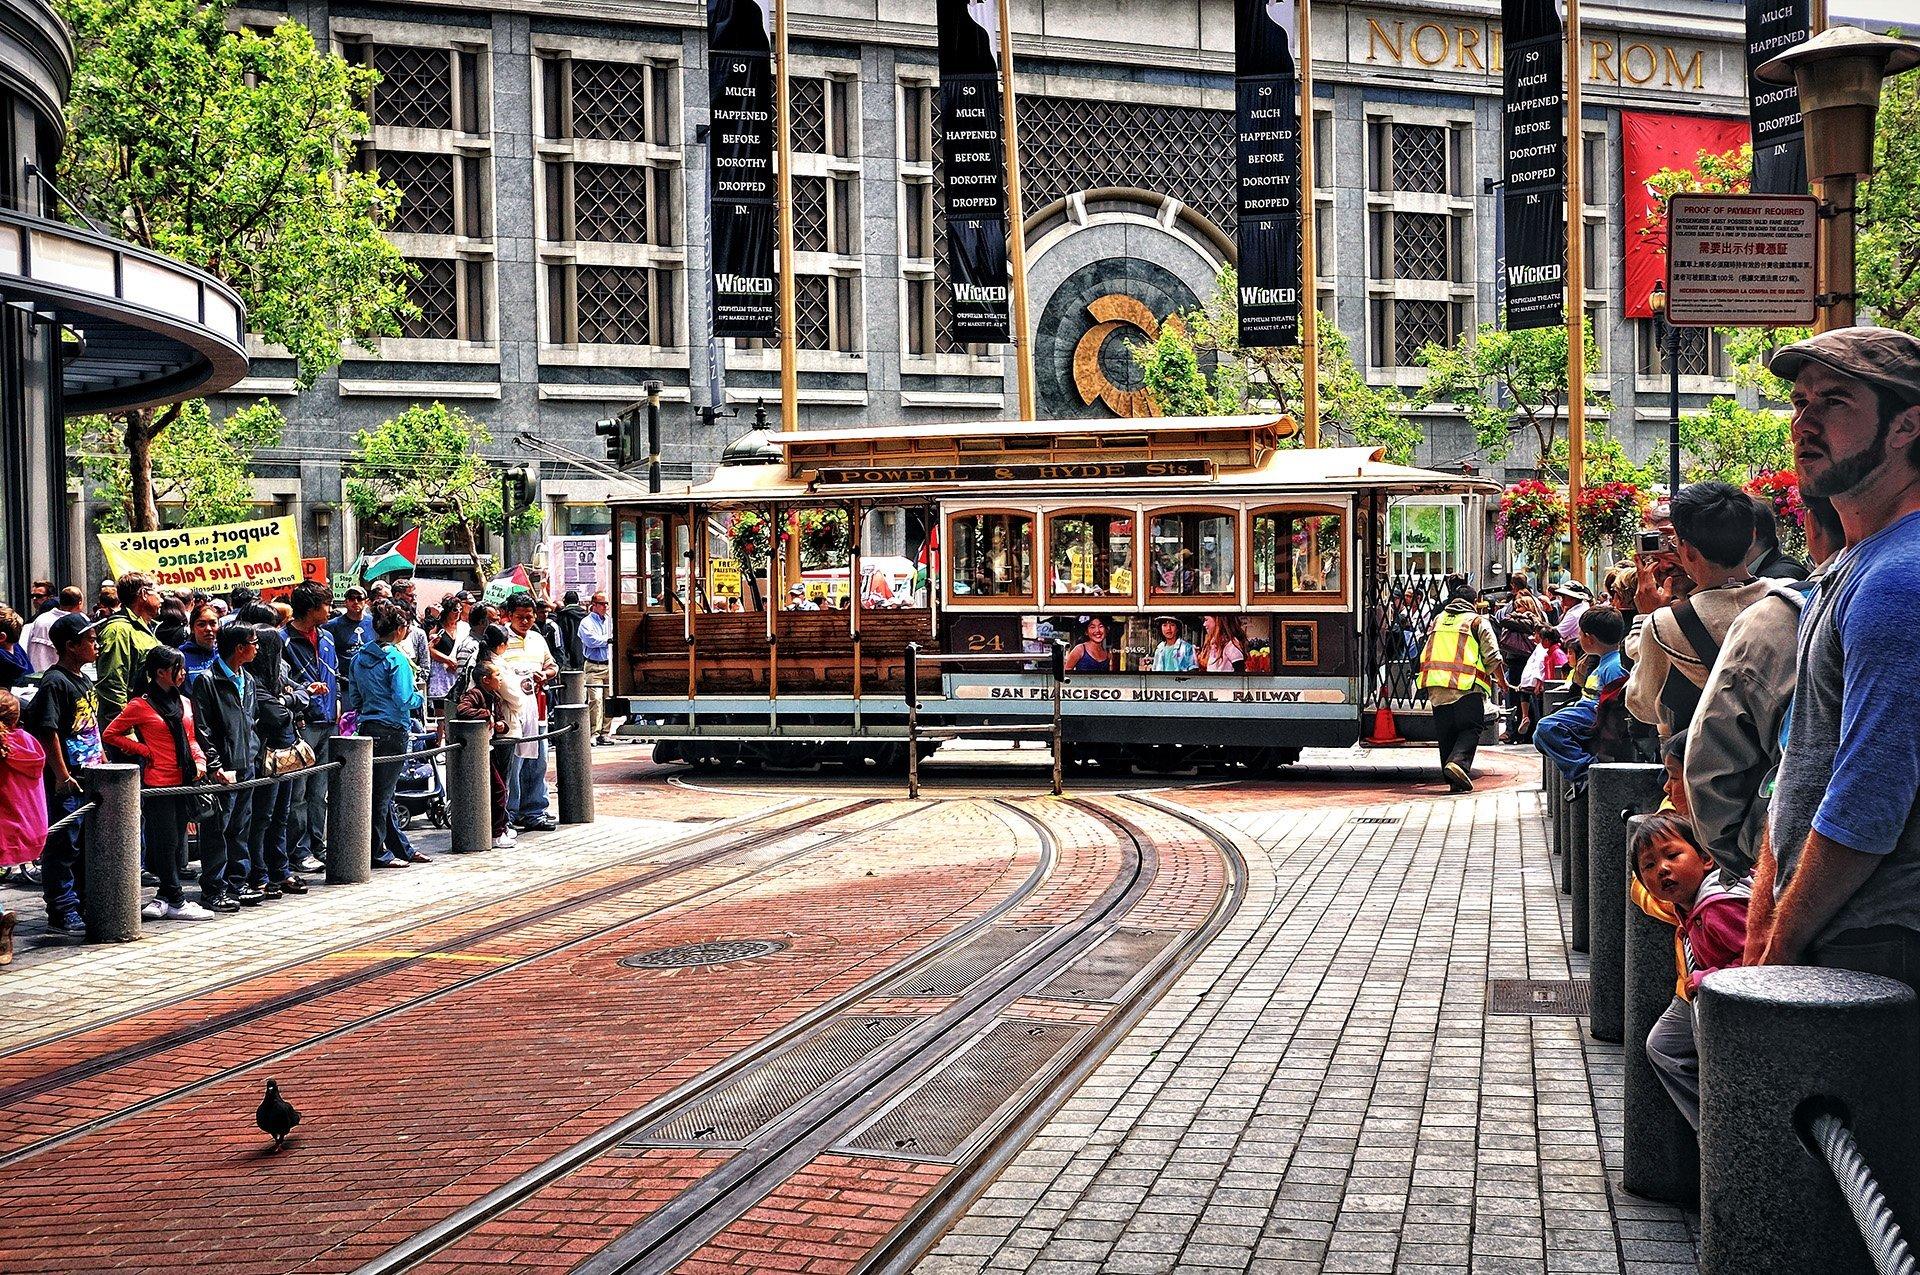 tramvay yolu ve insanlar